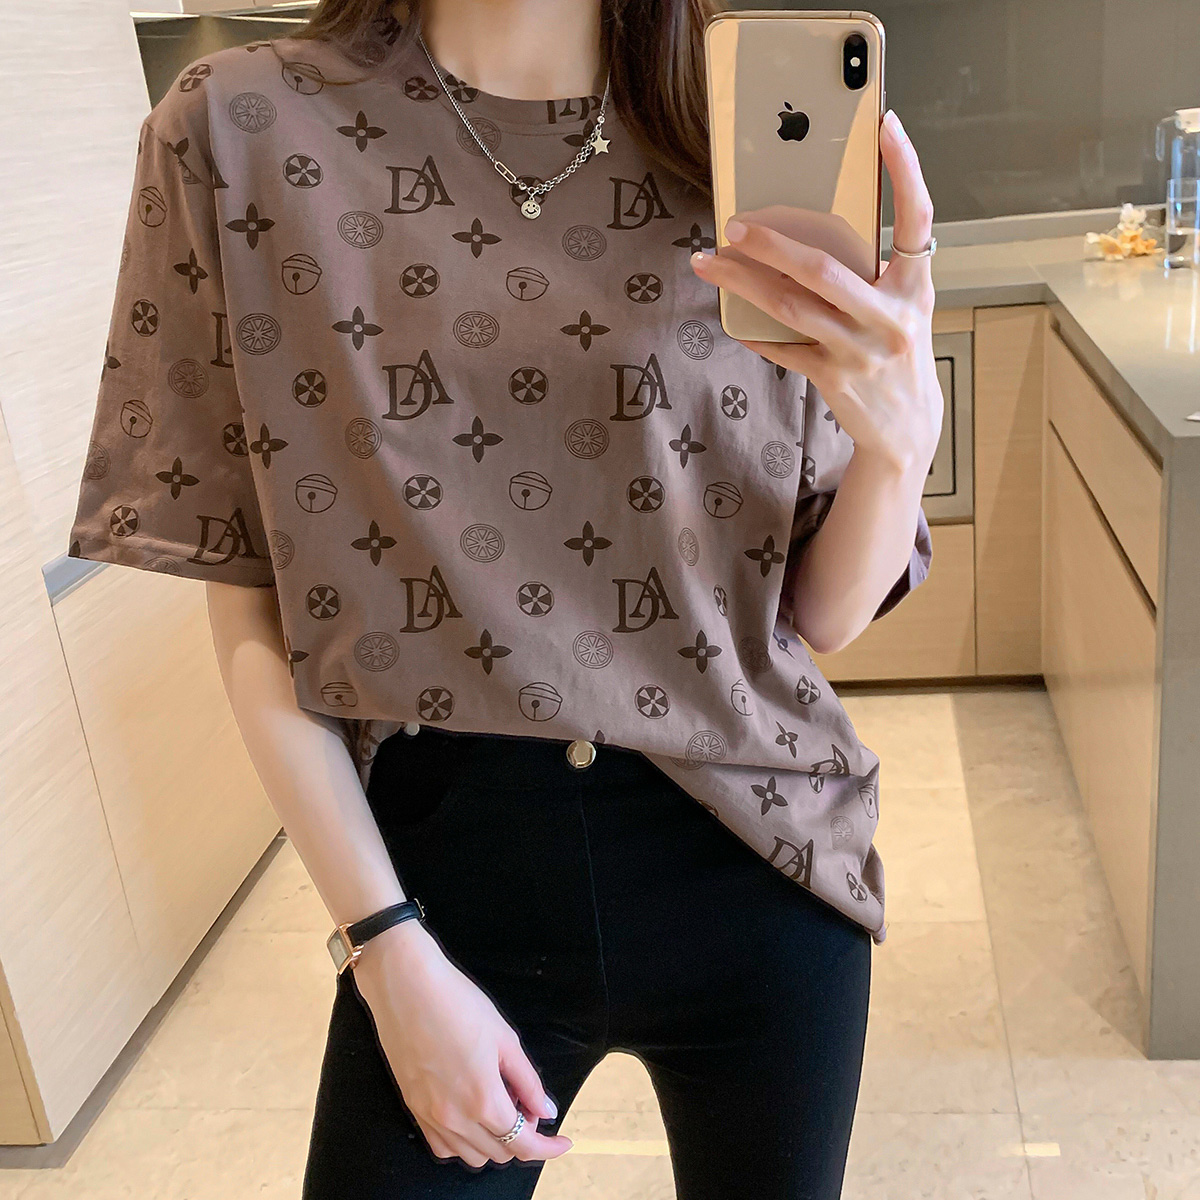 26スタイル特大ブランド有名なグラフィックスtシャツ女性の綿の夏良好な弾性ストリートカジュアルtシャツファッション女性トップス